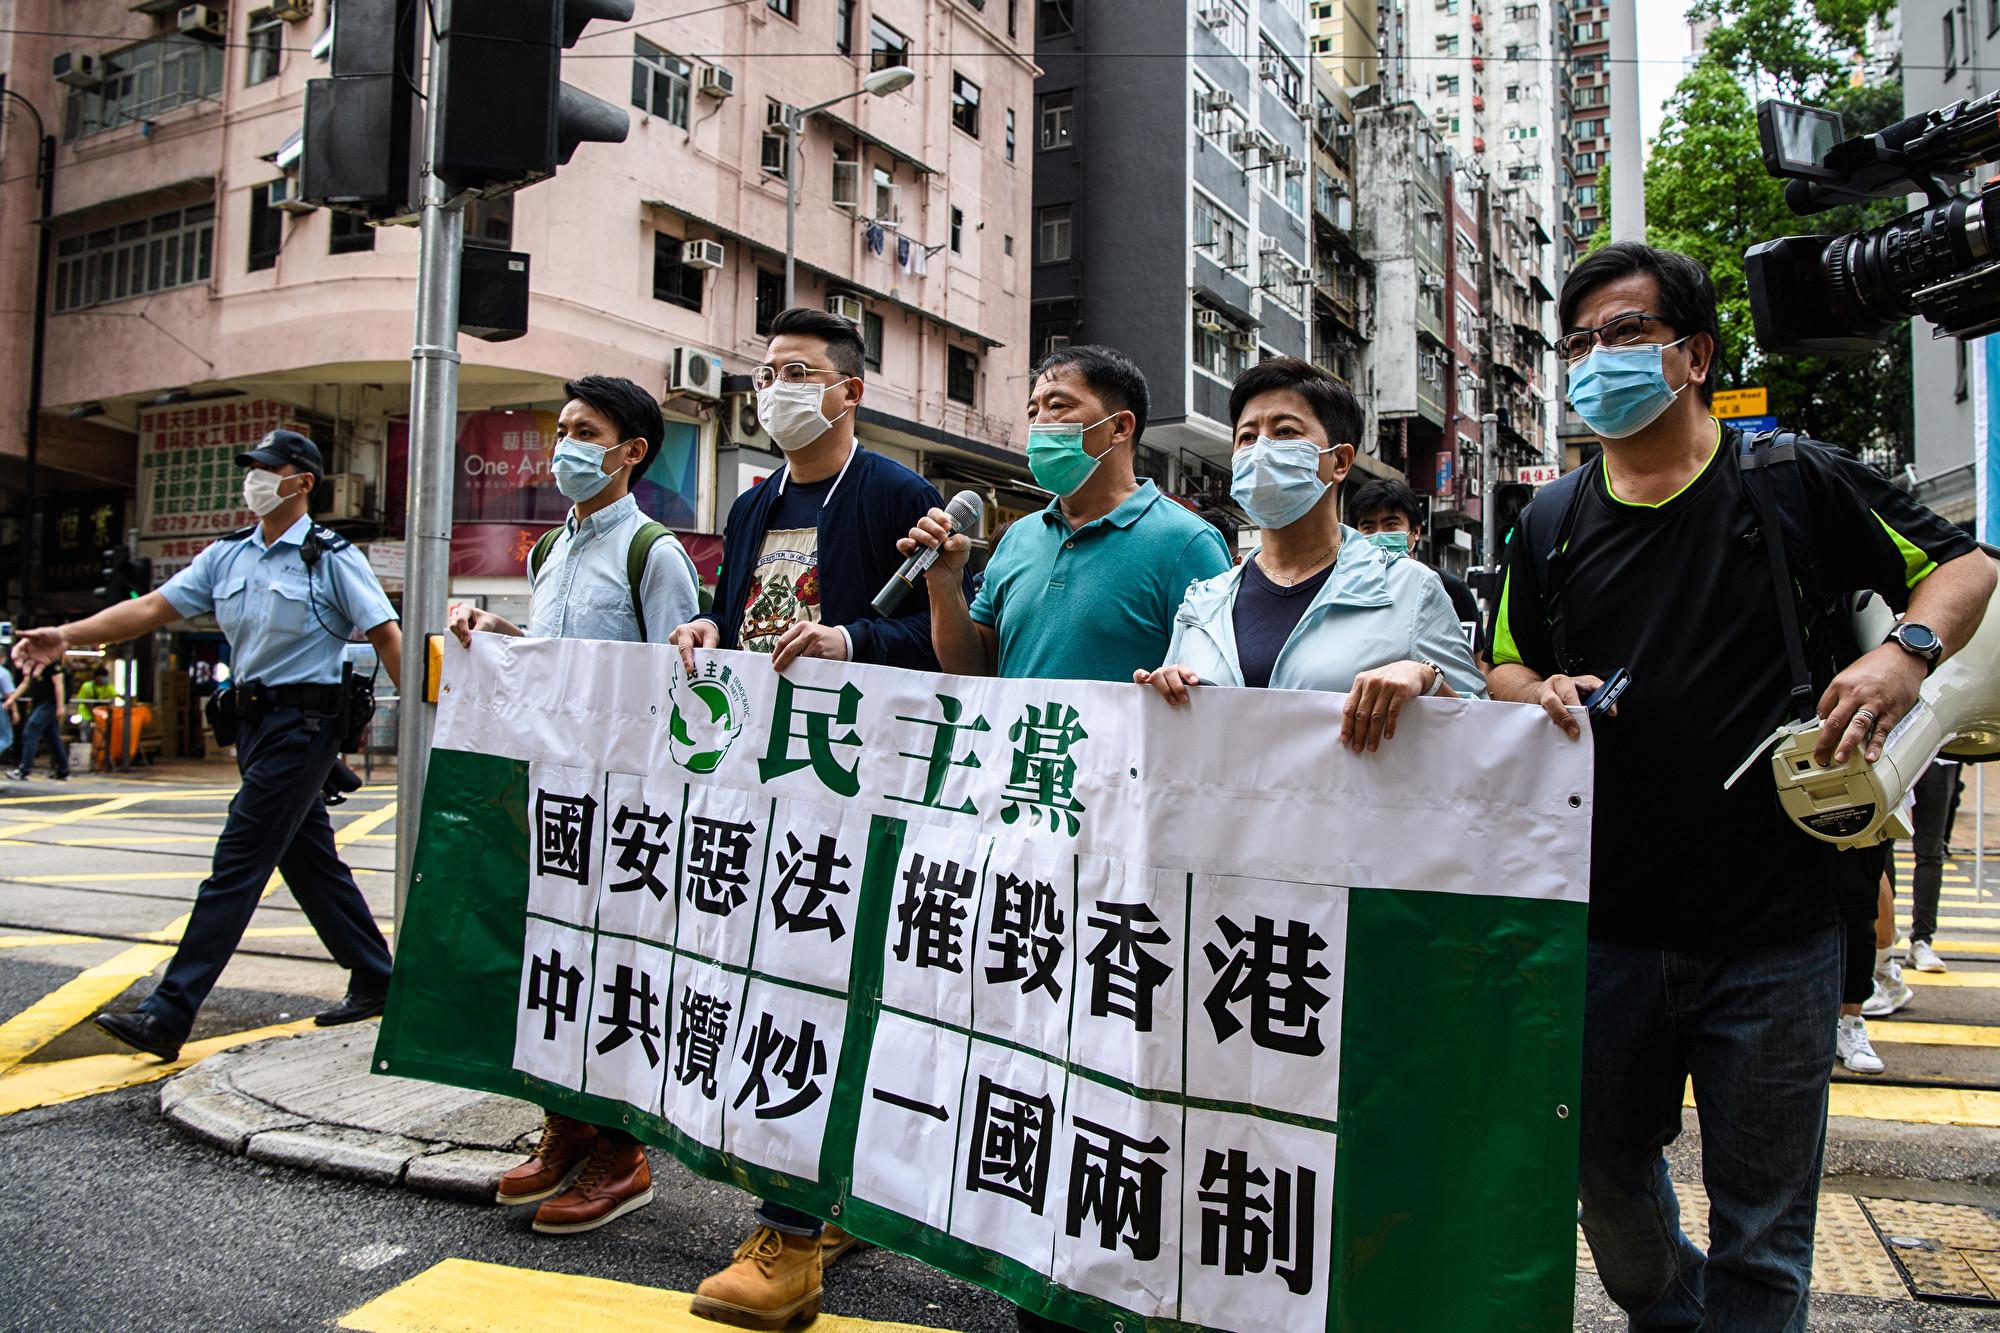 圖為香港民主抗議人士5月22日拿著標語牌,抗議中共對香港強加國安法。(Anthony WALLACE / AFP)